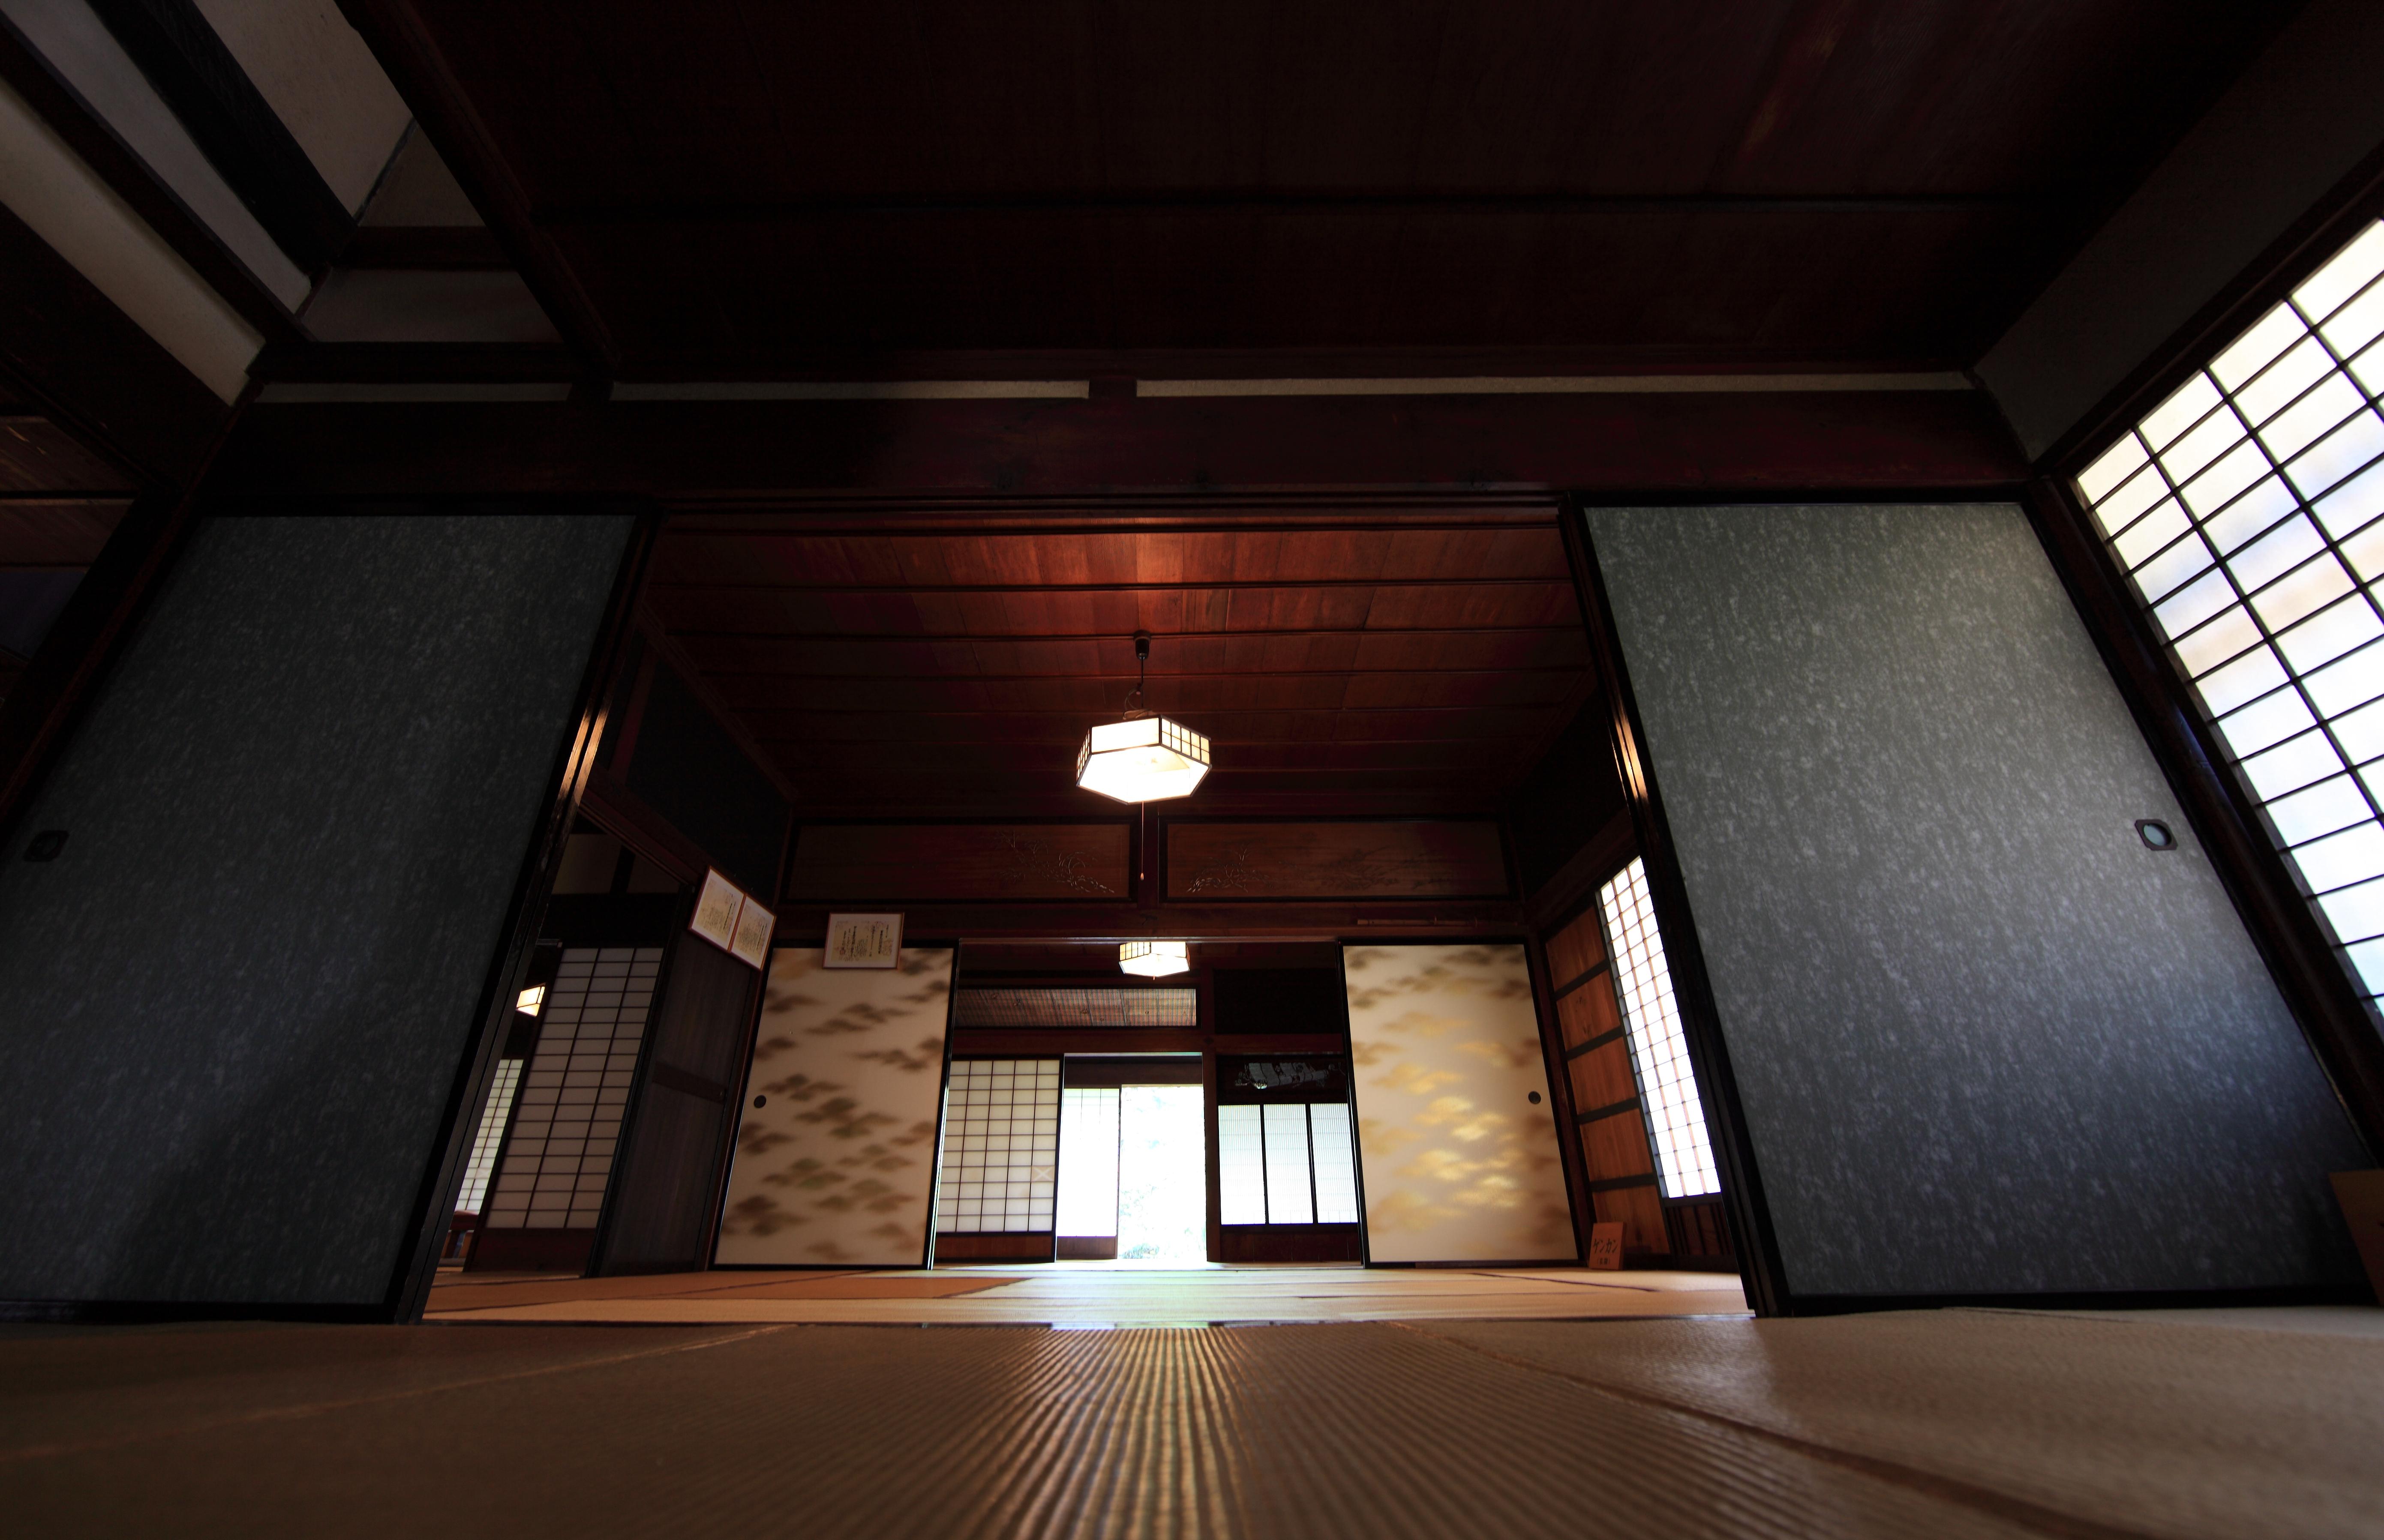 f219c9636 Obrazy : svetlo, architektúra, drevo, dom, interiér, Domov, strop, vysoký,  hala, staroveký, bydliska, izbu, interiérový dizajn, japonský, 5d, štýl,  najíma, ...